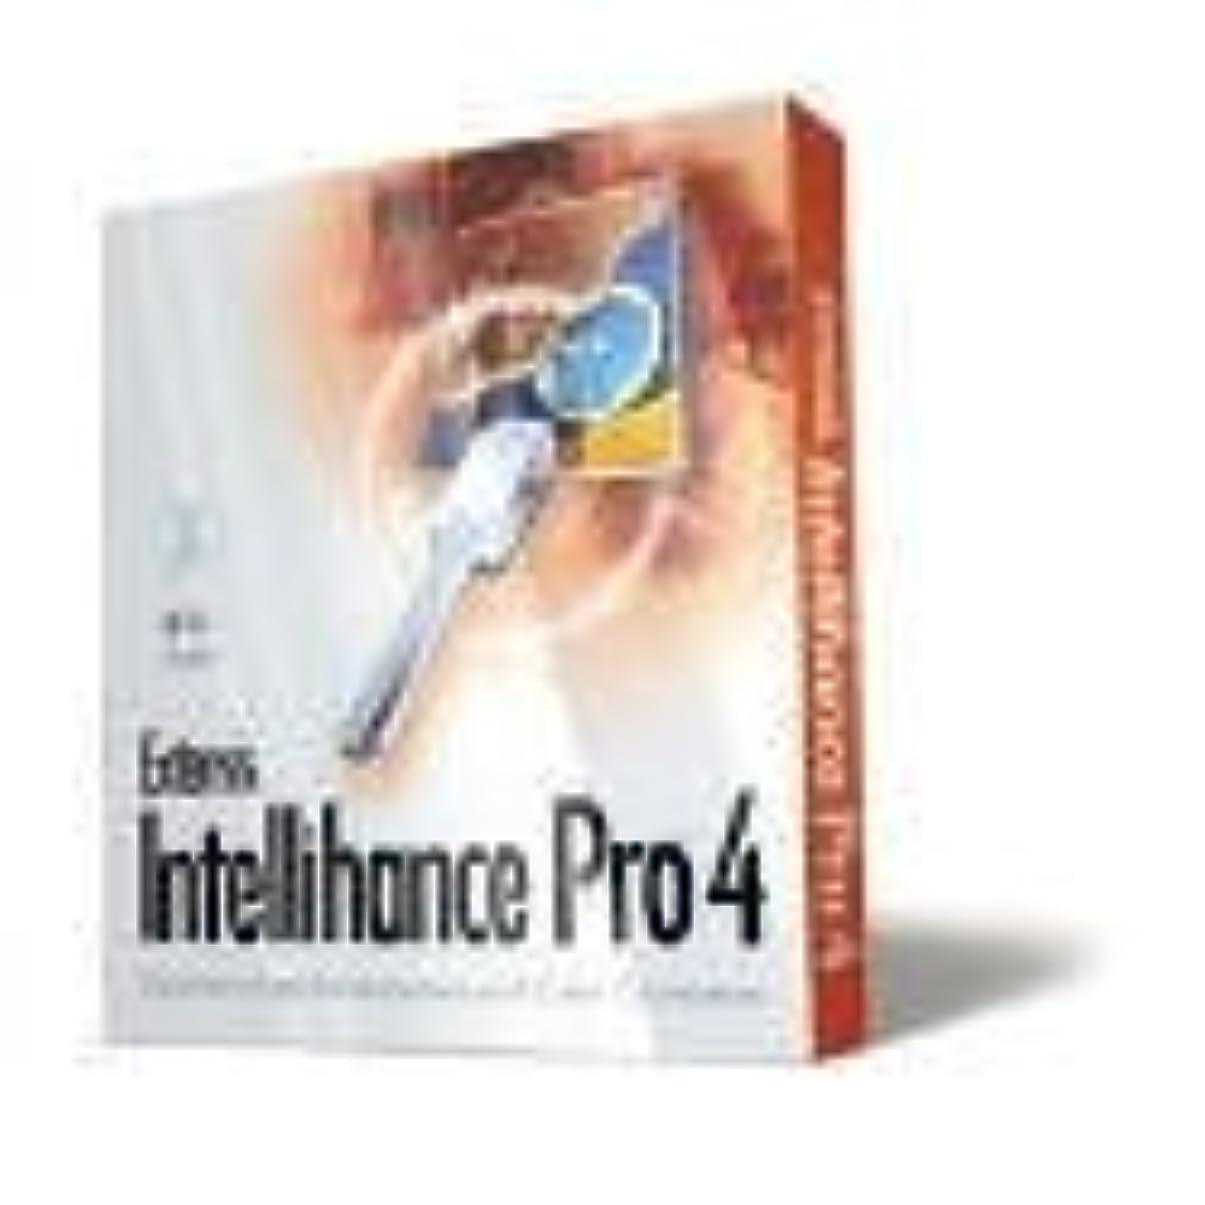 評論家メリーペインティングExtensis Intellihance Pro 4.1J Hybrid版